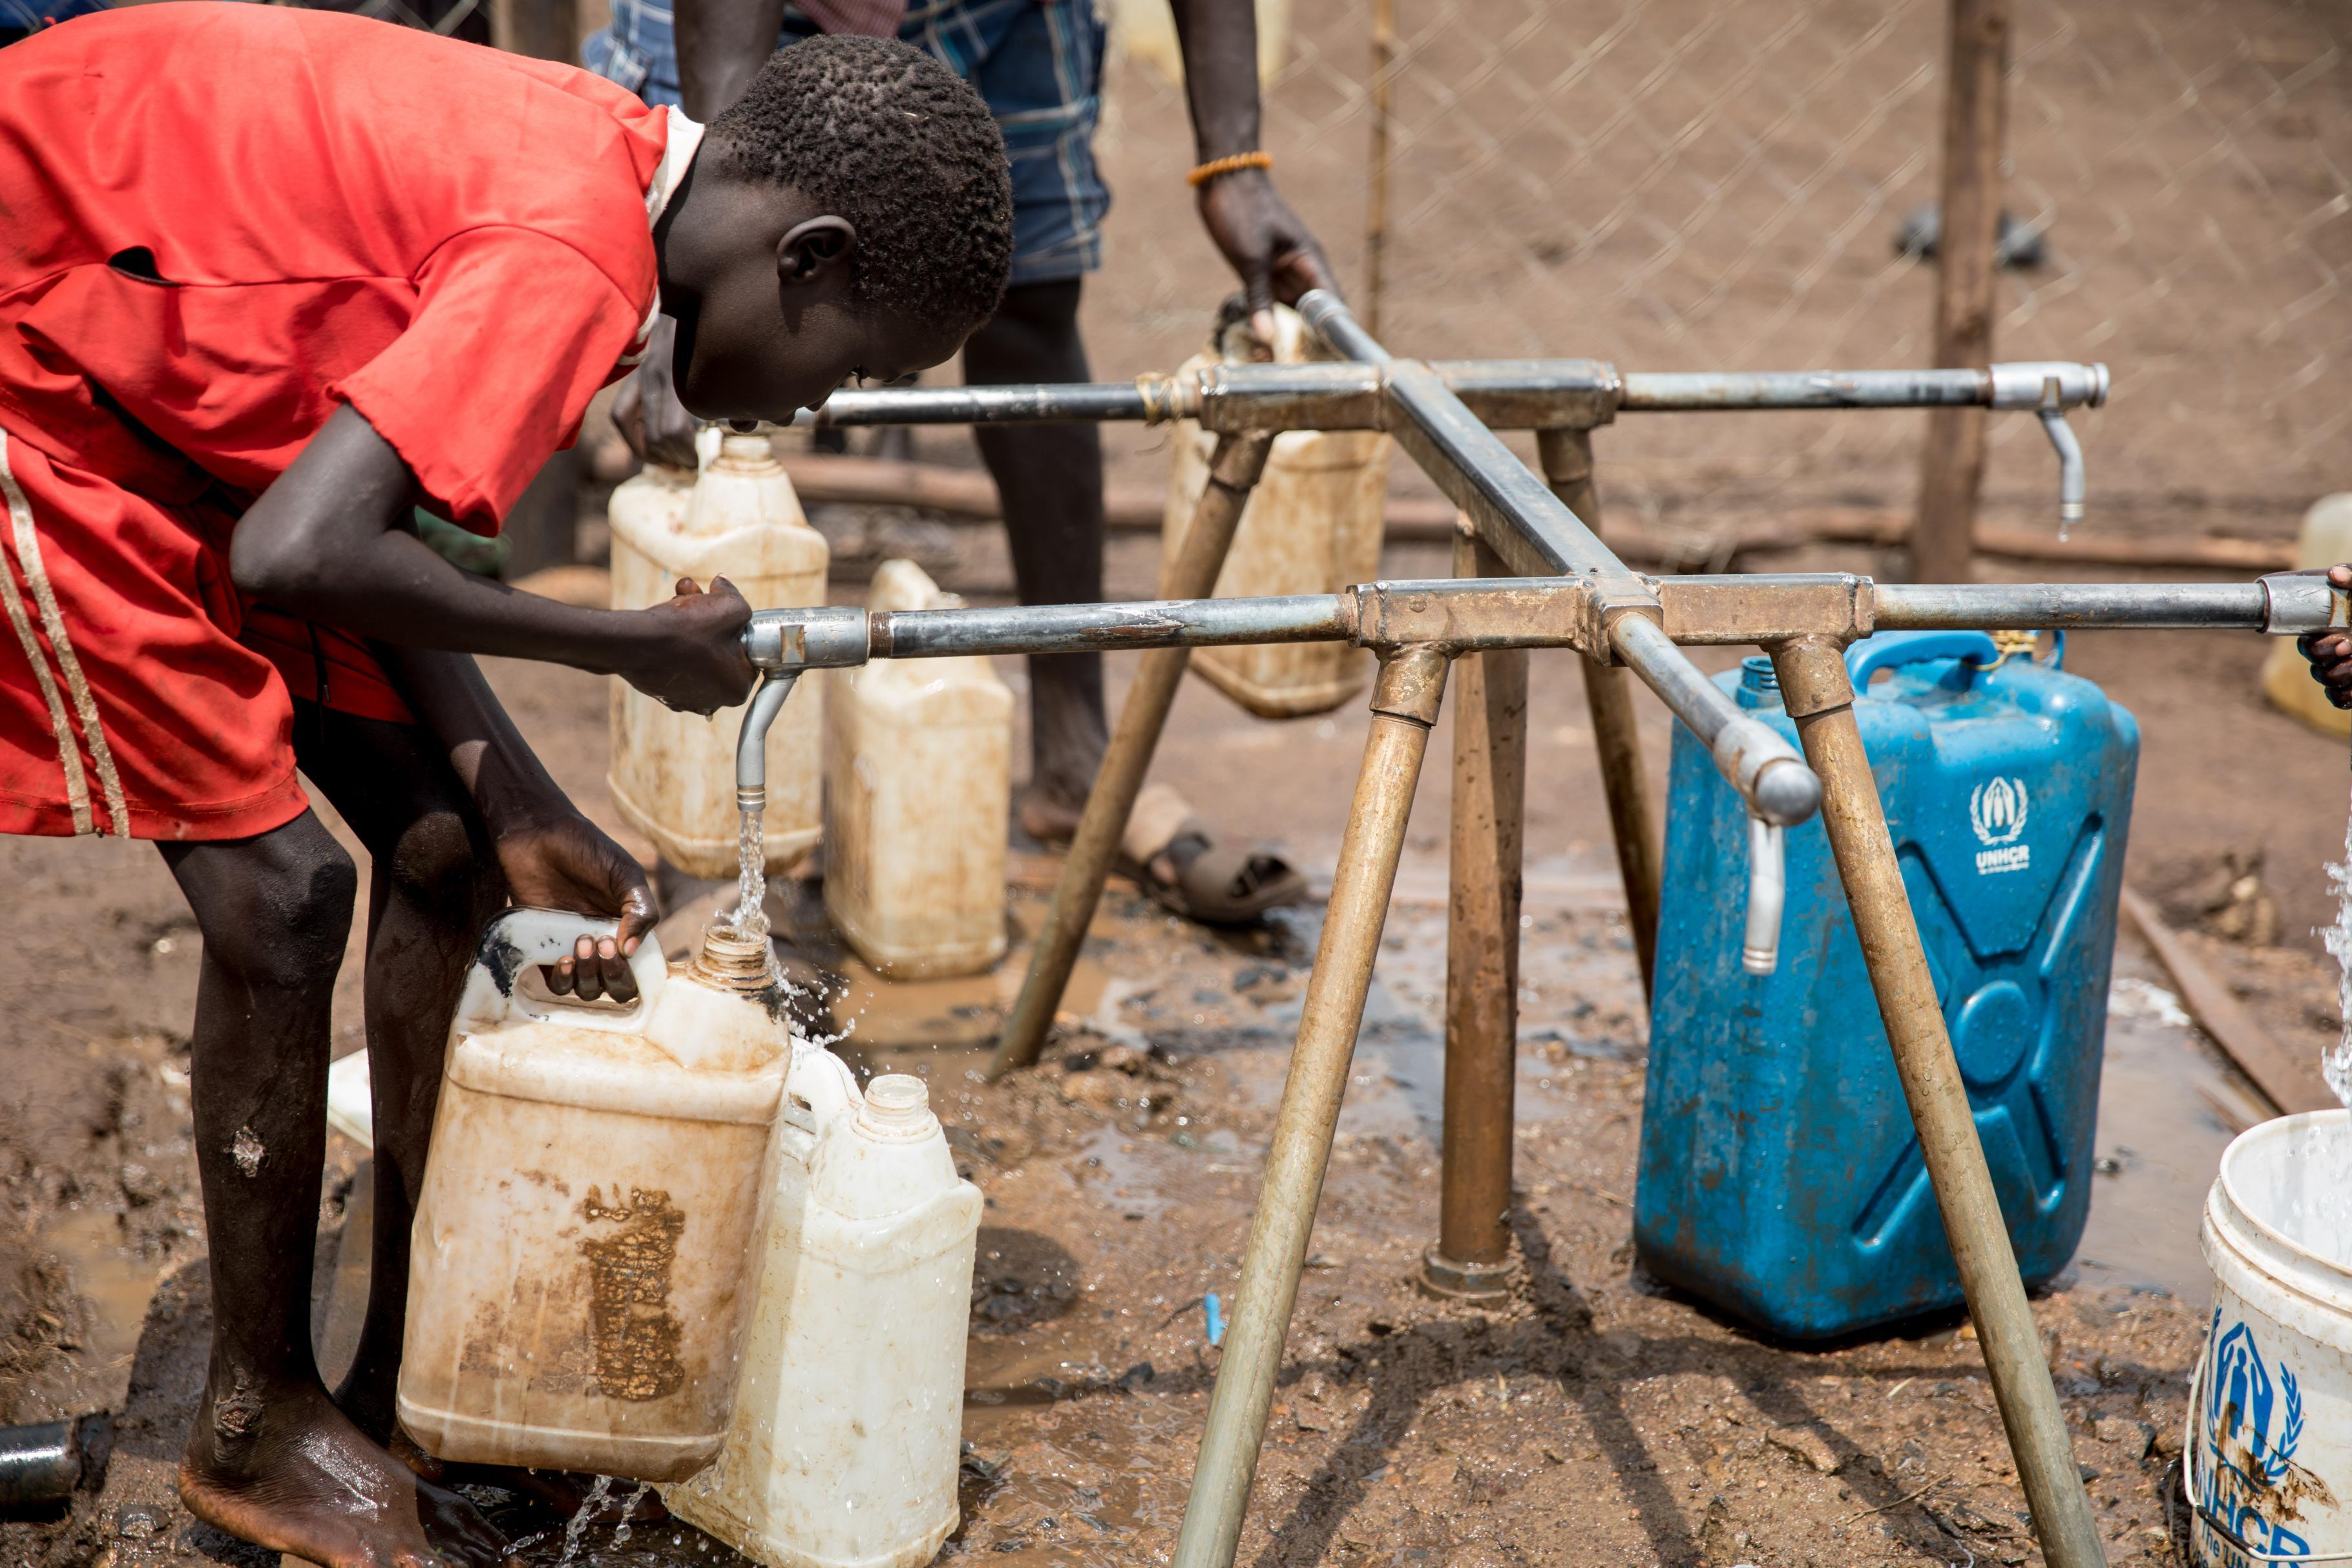 Ein Junge, der im Nguenyyiel Flüchtlingscamp lebt, füllt einen Kanister mit sauberem Wasser.